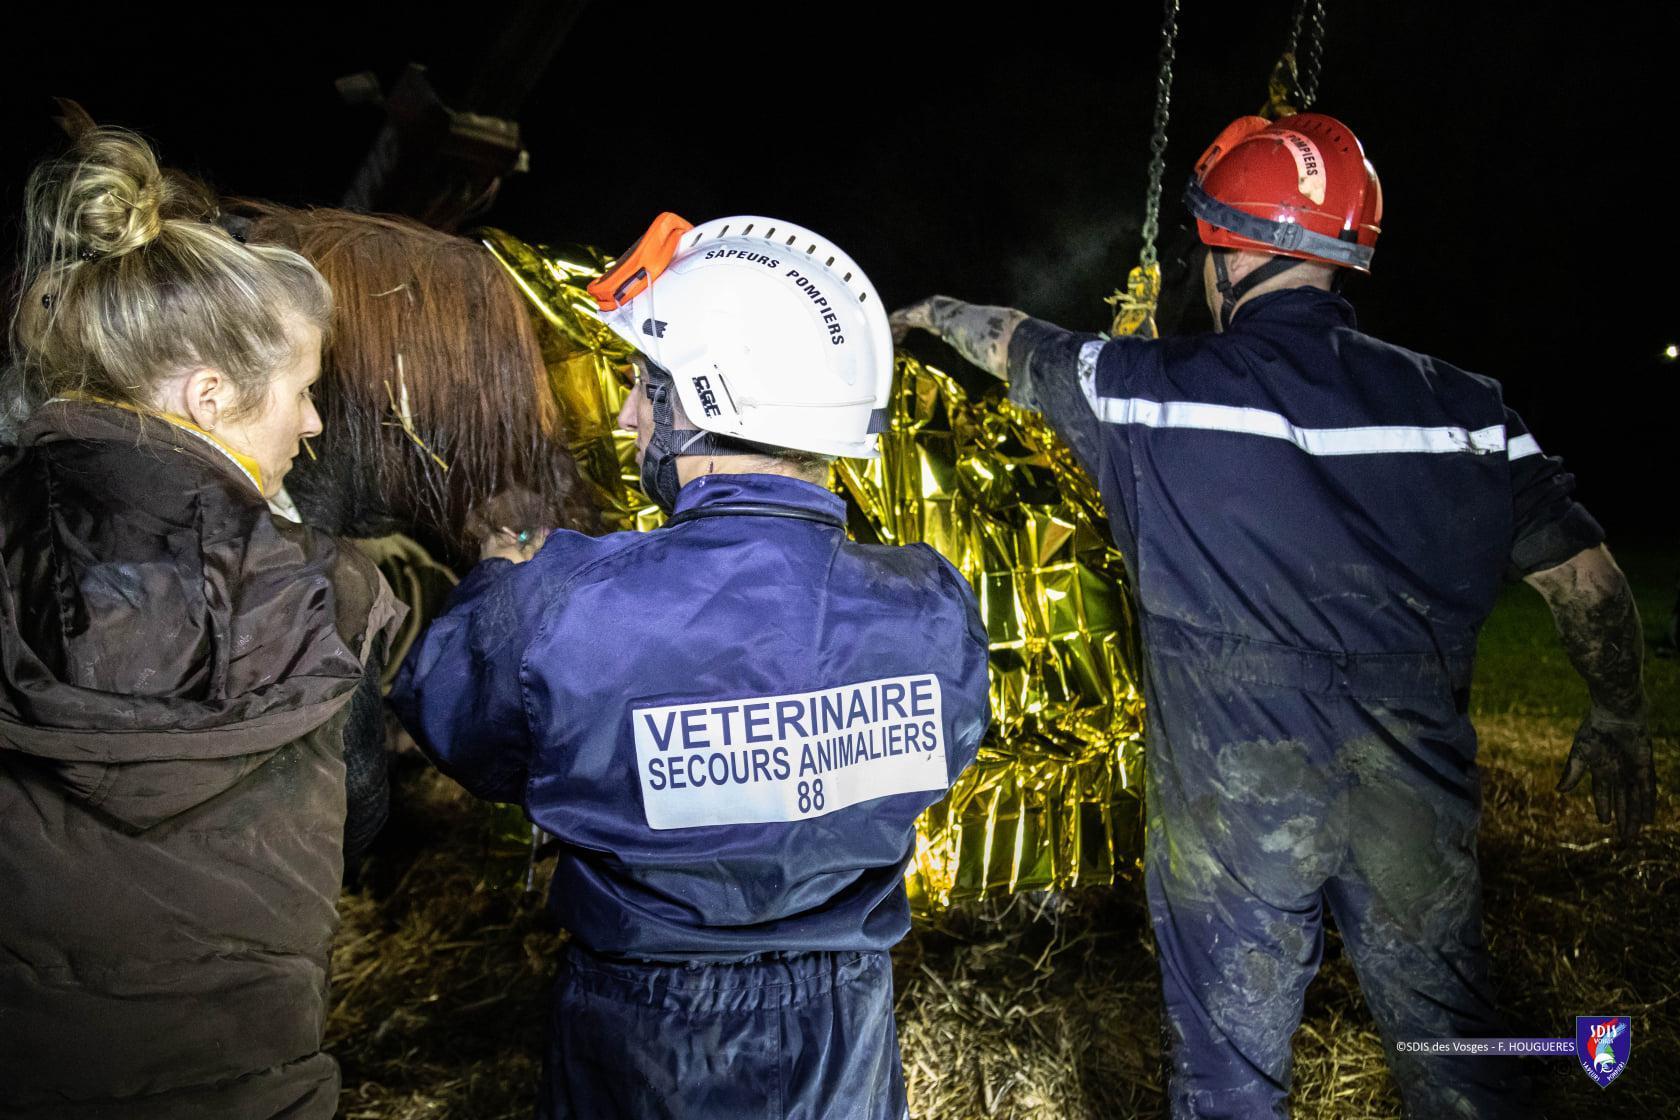 Trois jours après le sauvetage, la propriétaire de Deauville a annocné qu'il était sorti d'affaire.